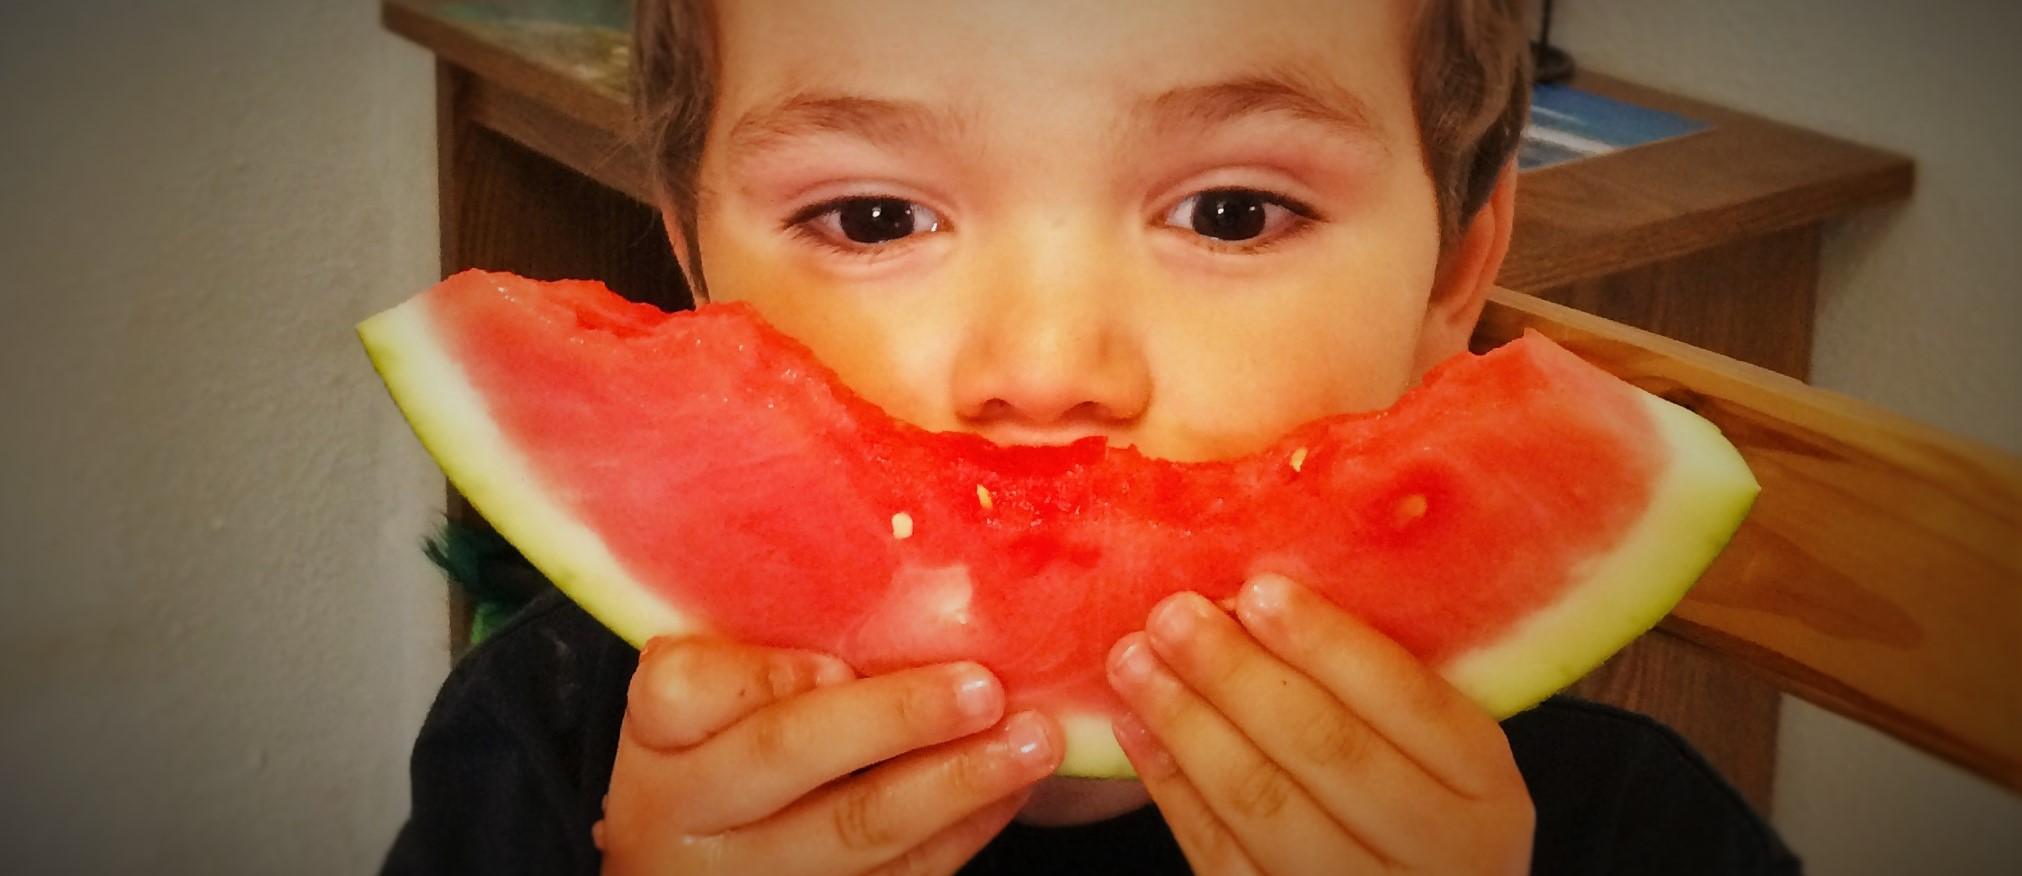 LittleMan Eating Watermelon 1 header